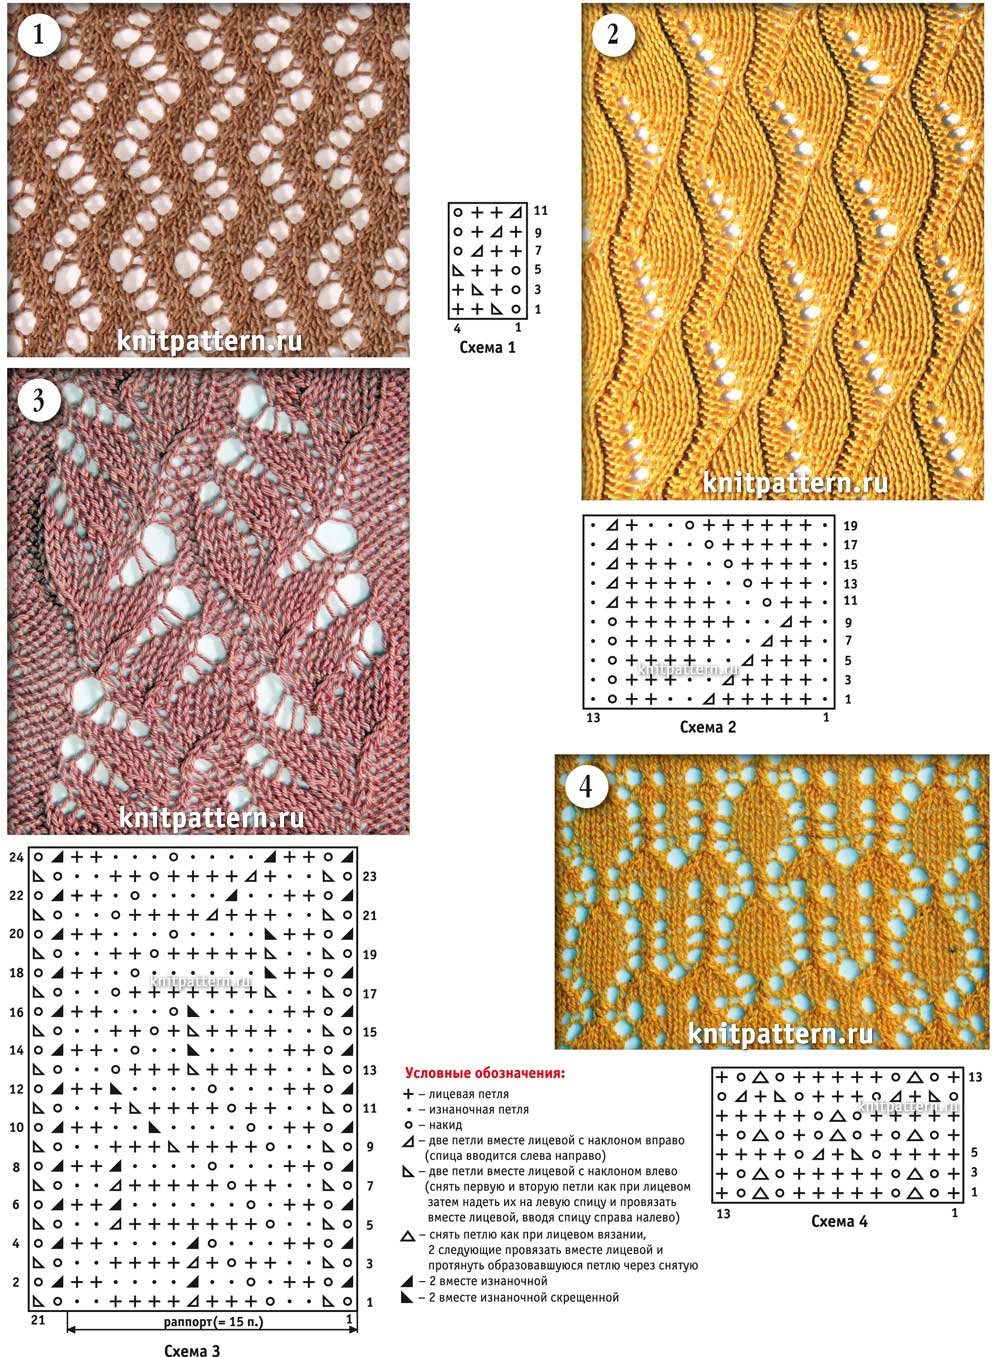 Виды рисунков для вязания на спицах описание 138